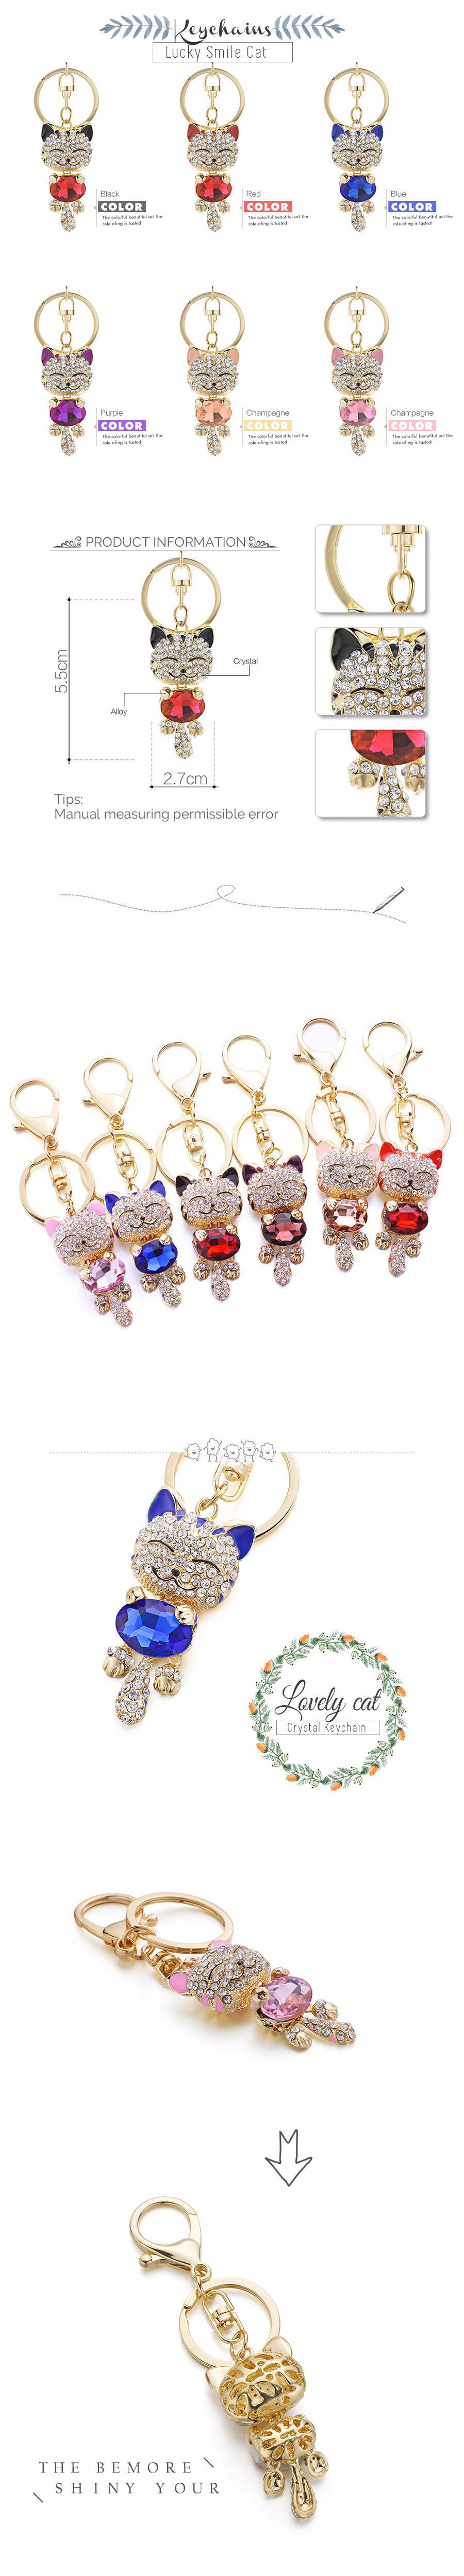 CAT CRYSTAL KEYRINGS CUTE CAT CRYSTAL KEYRINGS-Cat Jewelry-Free Shipping CUTE CAT CRYSTAL KEYRINGS-Cat Jewelry-Free Shipping HTB13D0YRXXXXXbUaXXXq6xXFXXXT